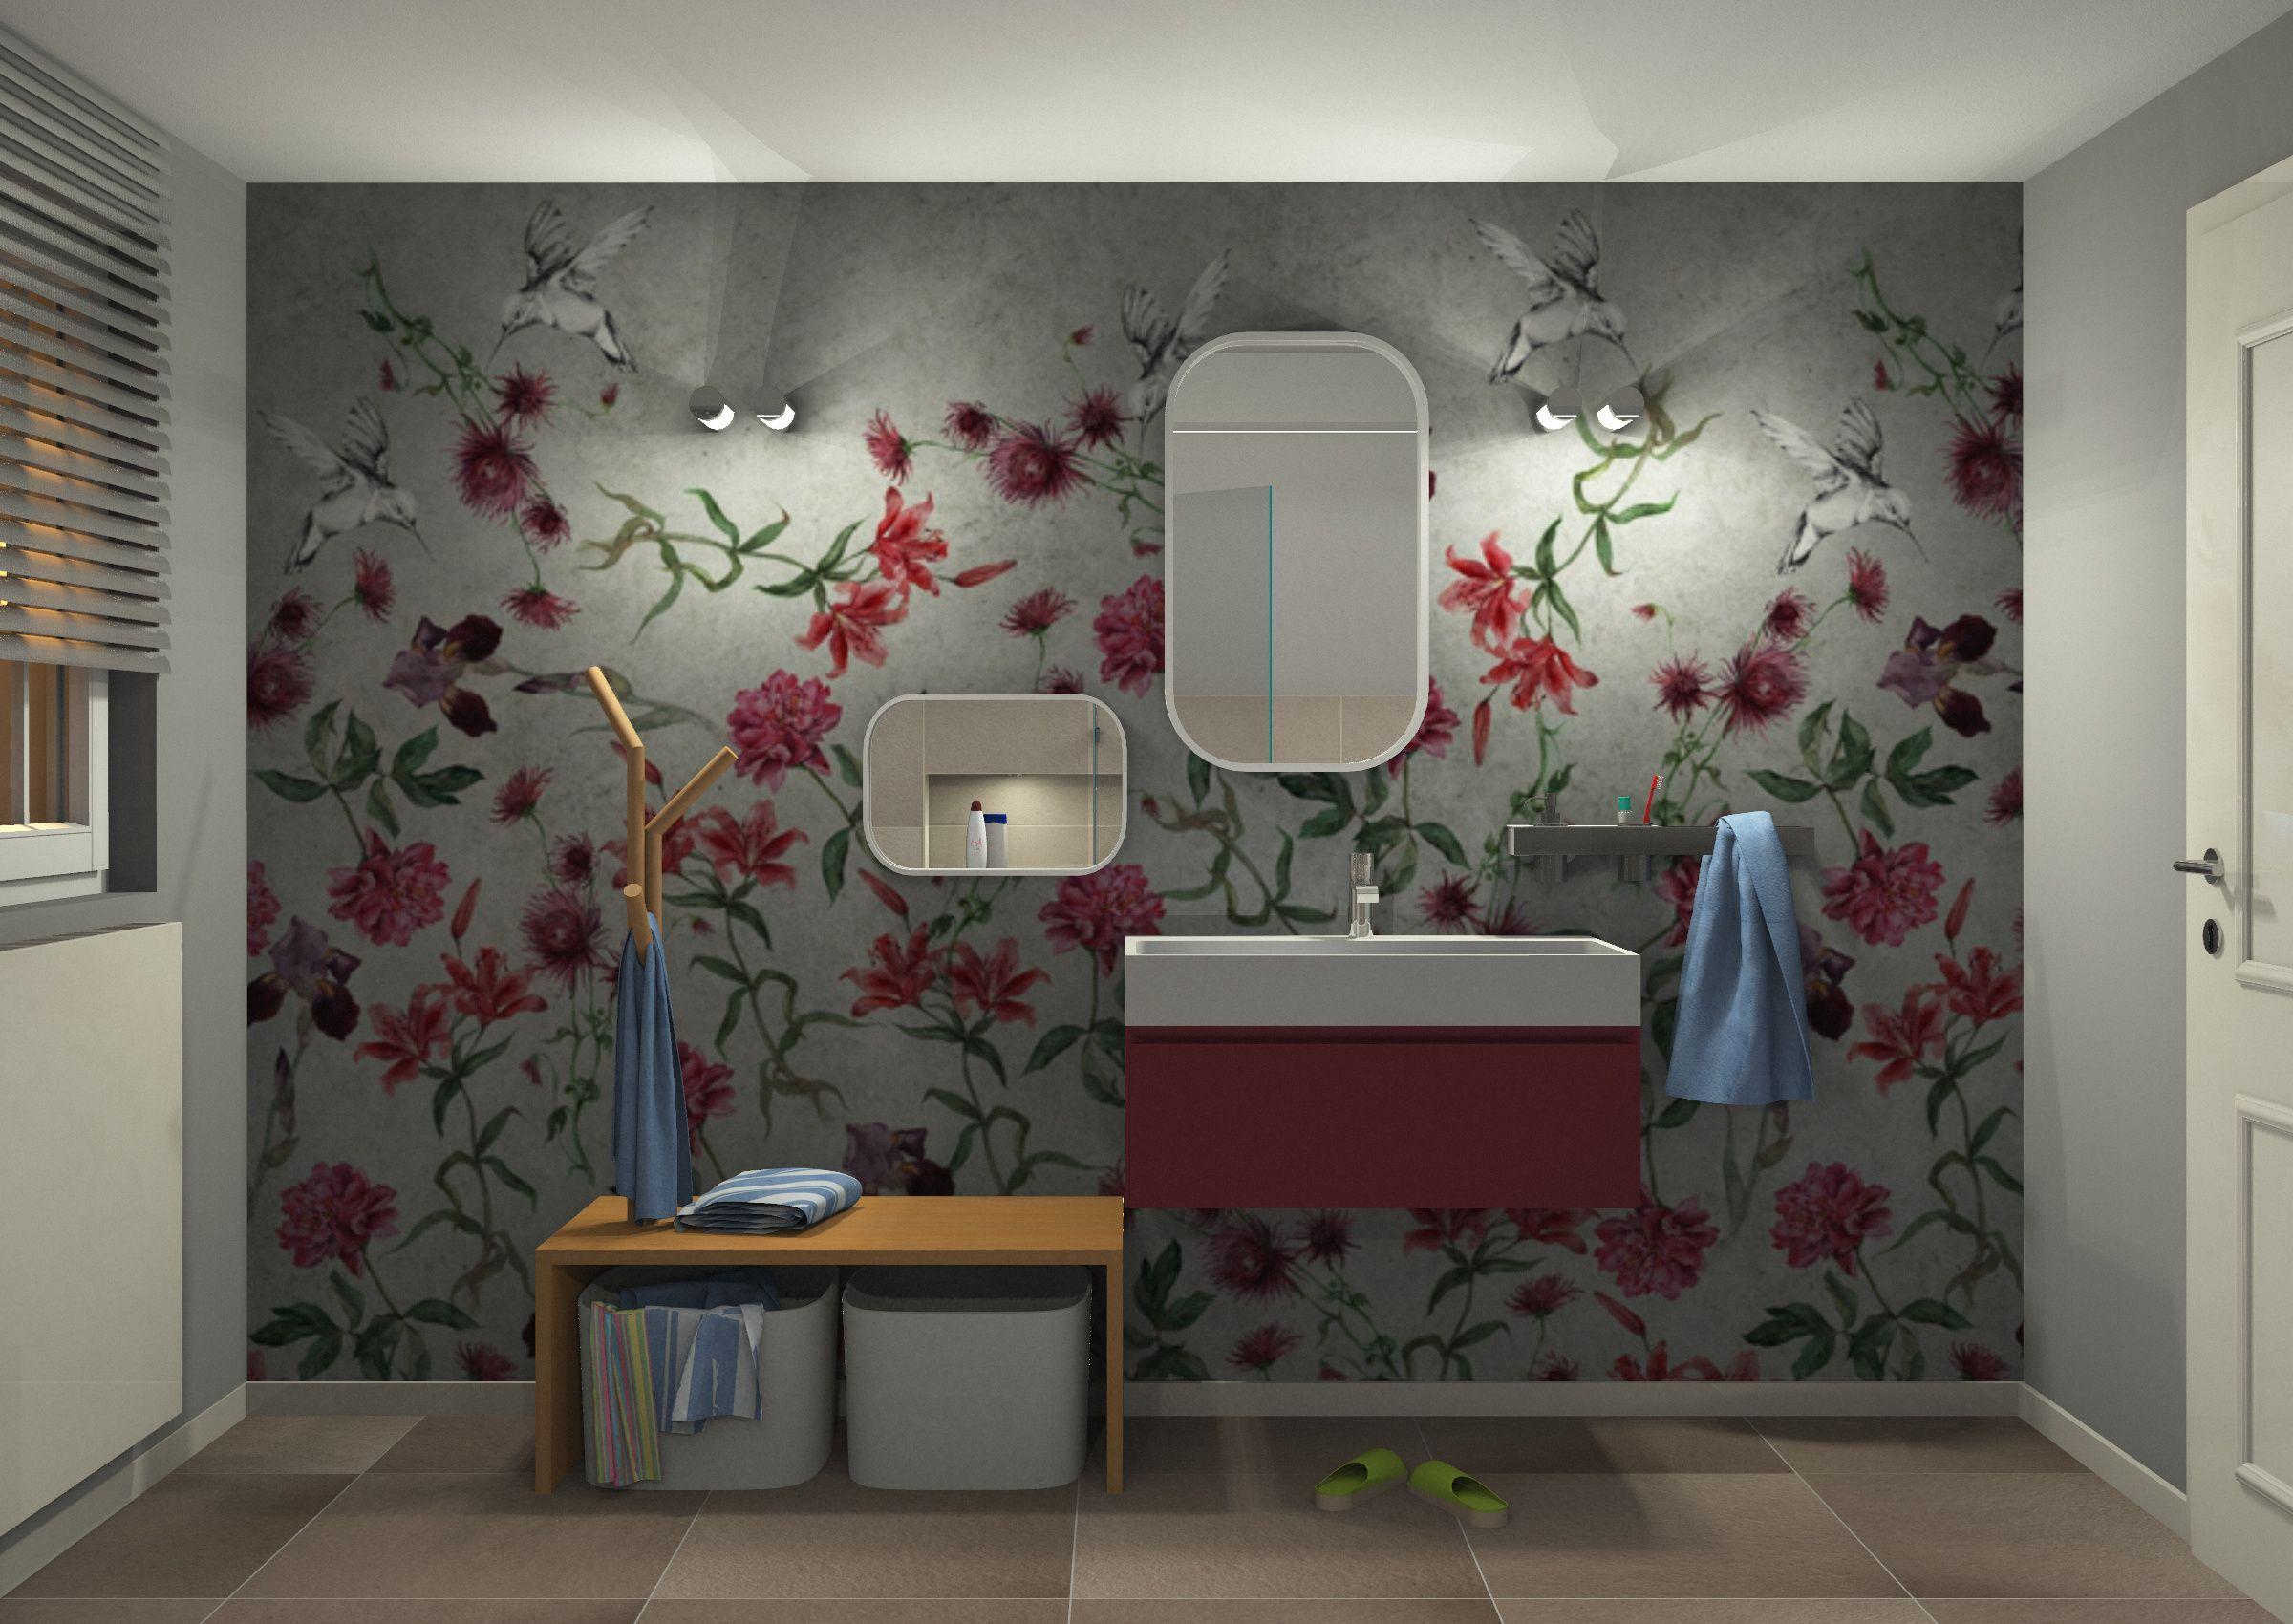 Badezimmerspiegel groß ~ Badezimmer idee für kinder mit spiegel für groß und klein